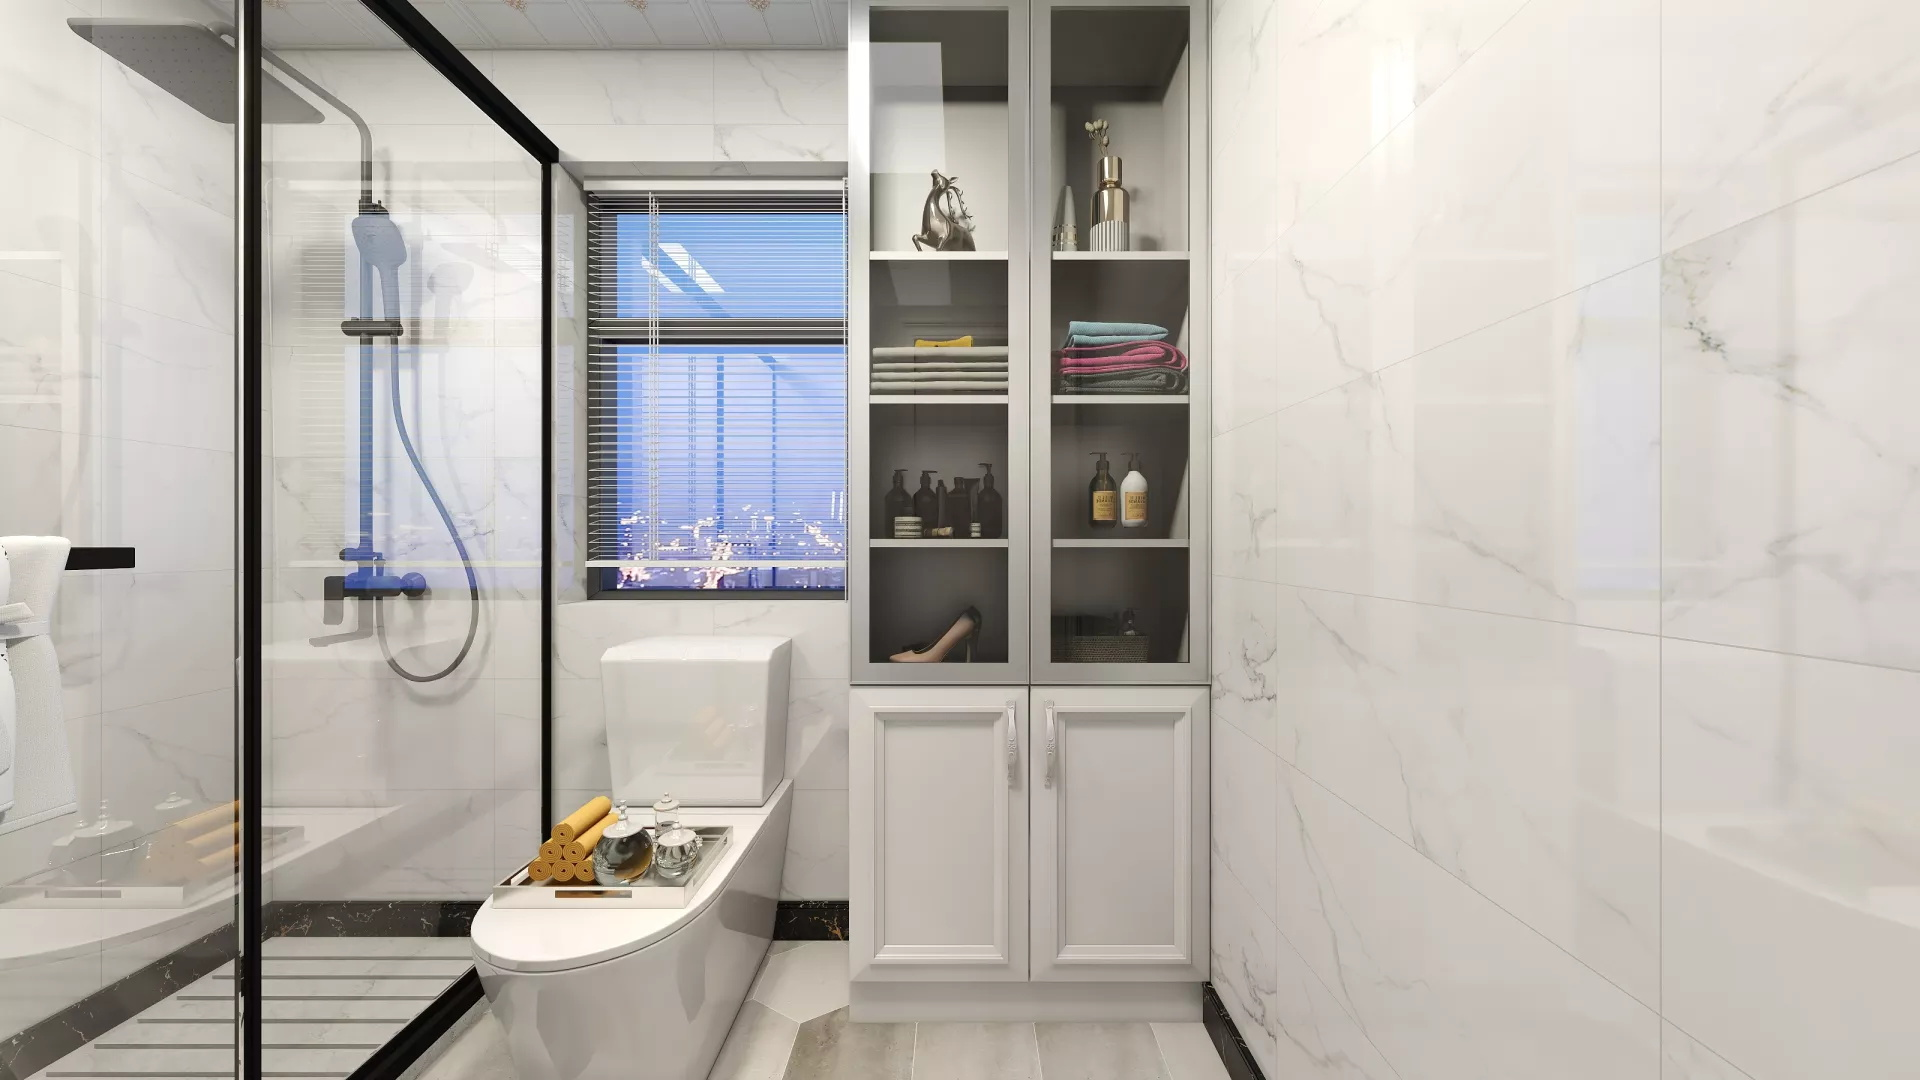 卫生间瓷砖选择的尺寸一般是多大的?